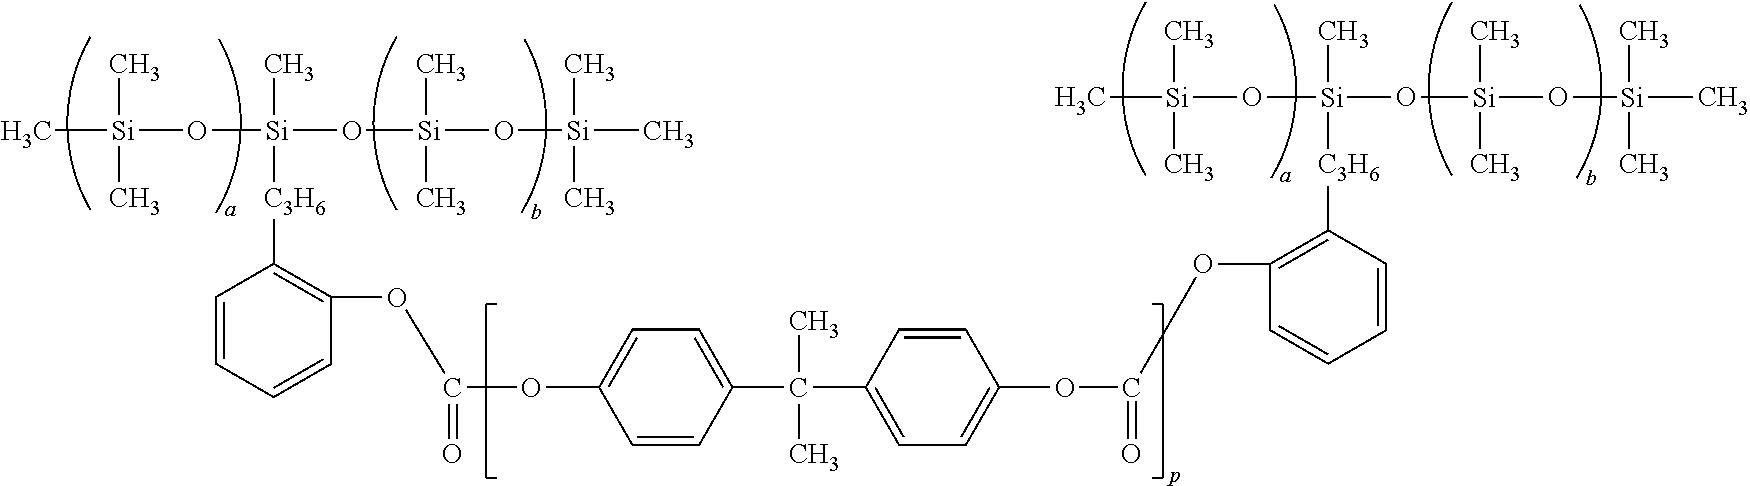 Figure US07943278-20110517-C00033